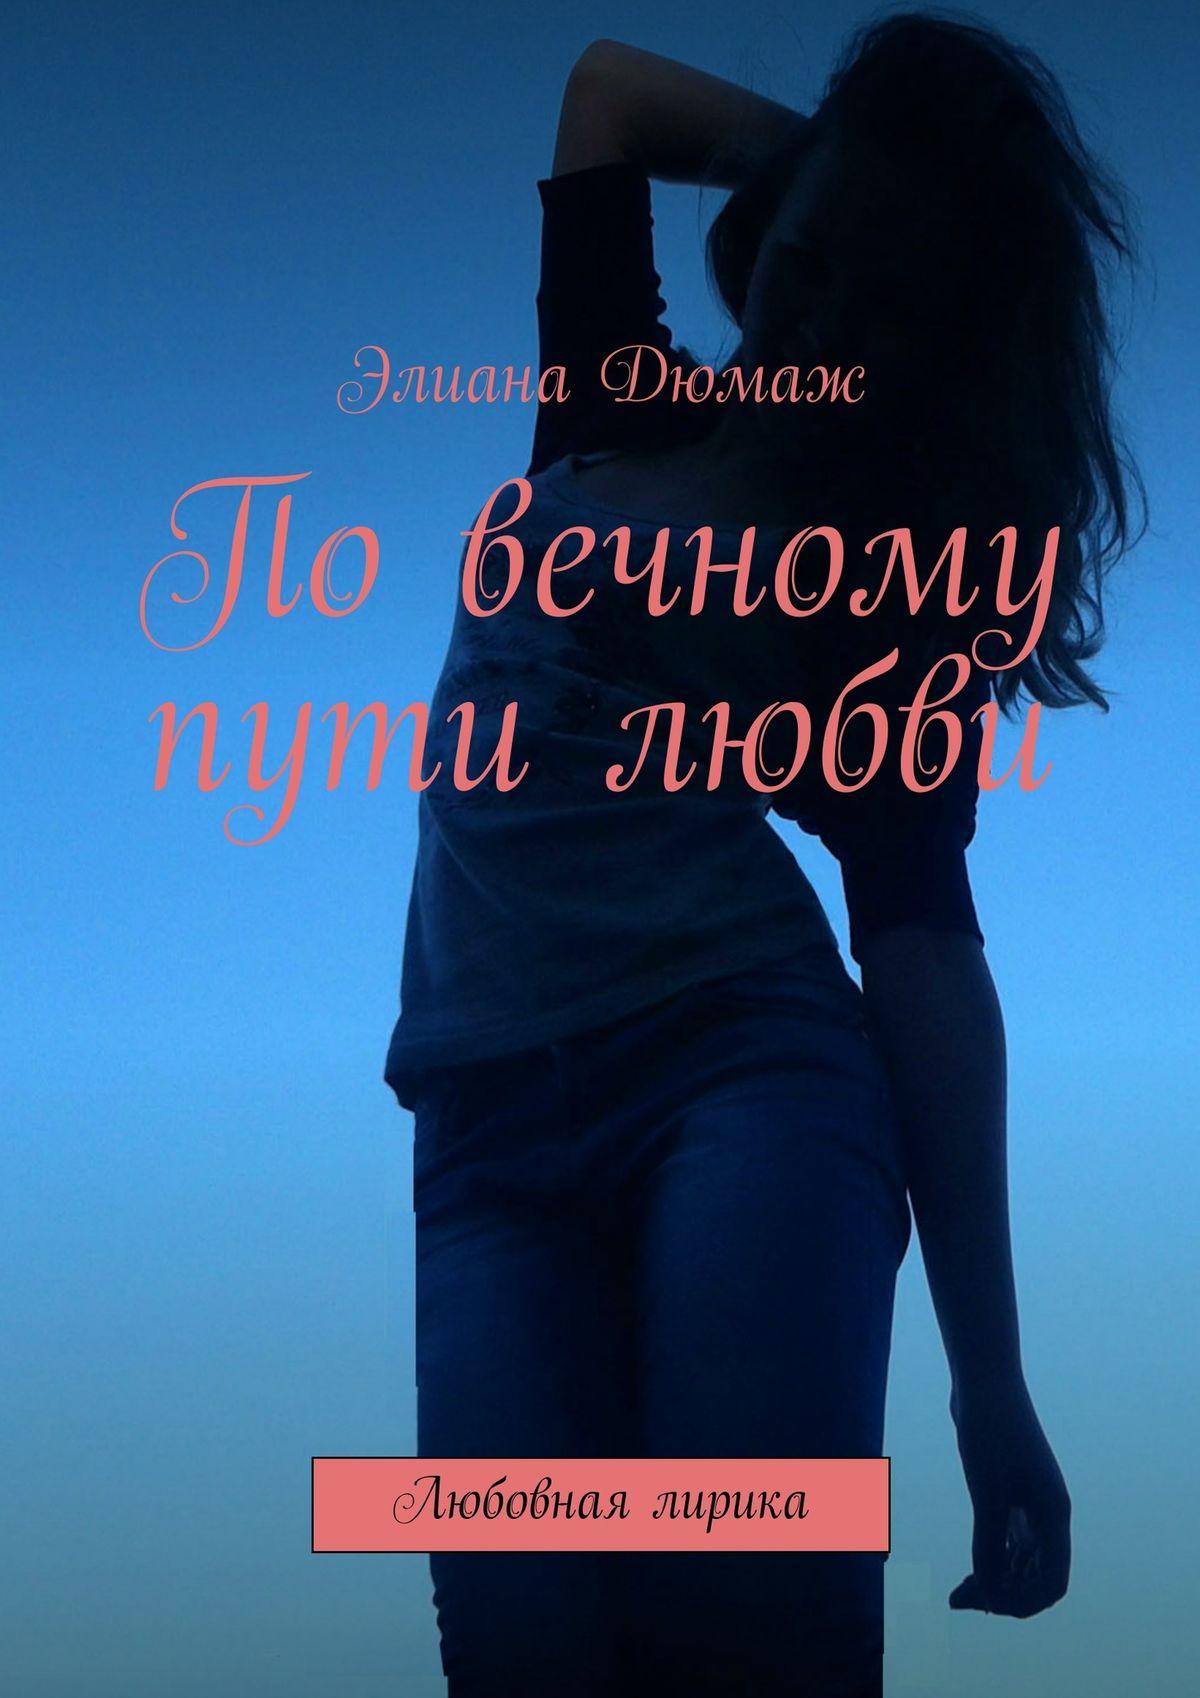 Арина Алексеевская По вечному пути любви. Любовная лирика колентьев алексей сергеевич жизненное пространство